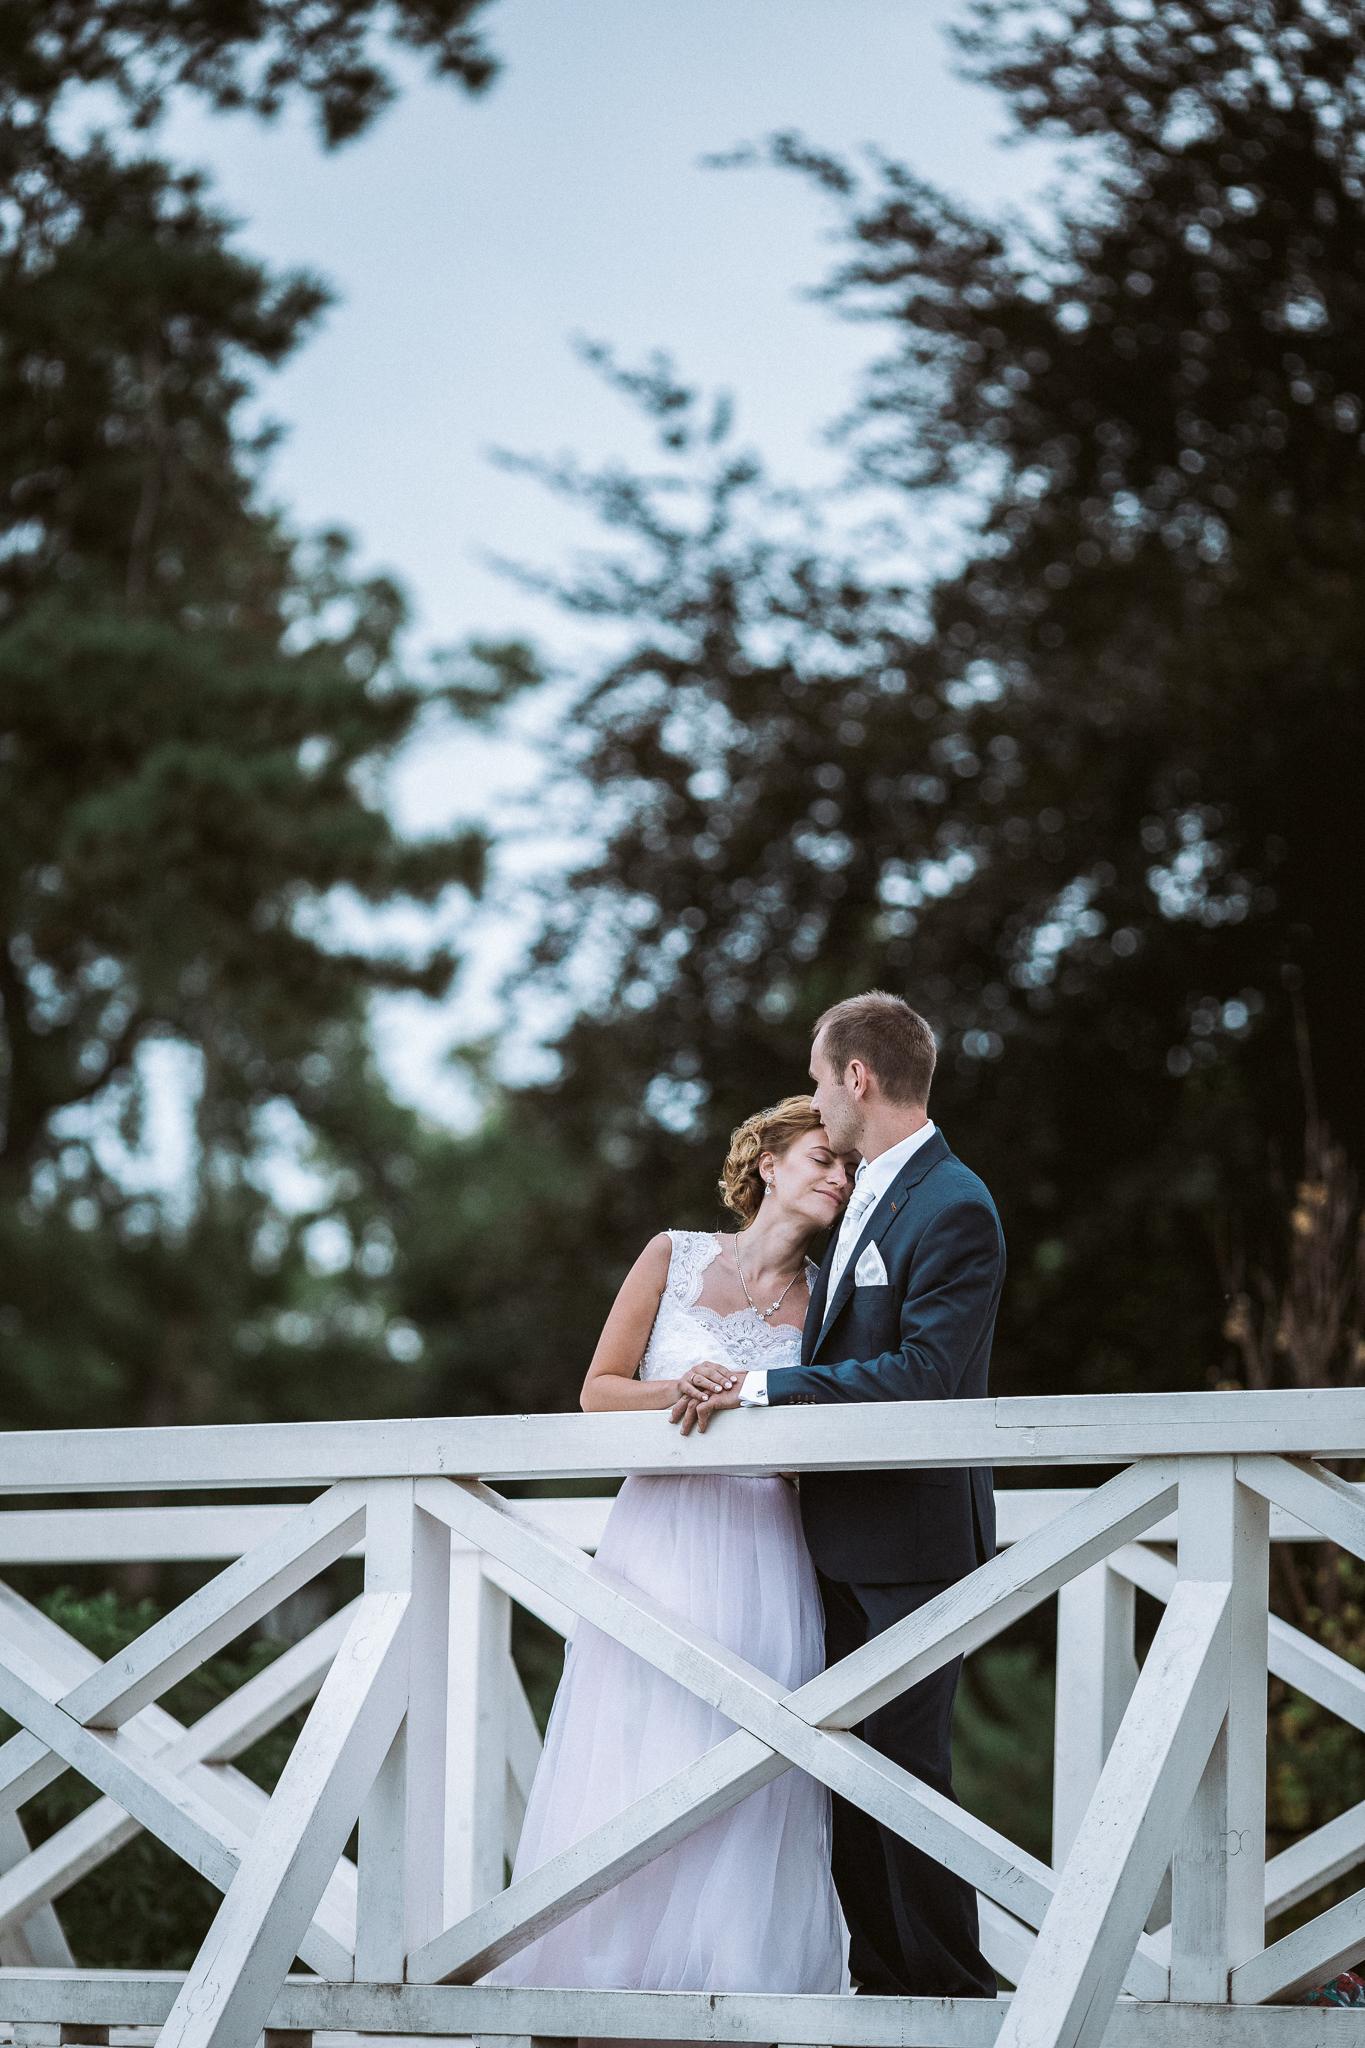 FylepPhoto, esküvőfotós, esküvői fotós Körmend, Szombathely, esküvőfotózás, magyarország, vas megye, prémium, jegyesfotózás, Fülöp Péter, körmend, kreatív, fotográfus_42-2.jpg